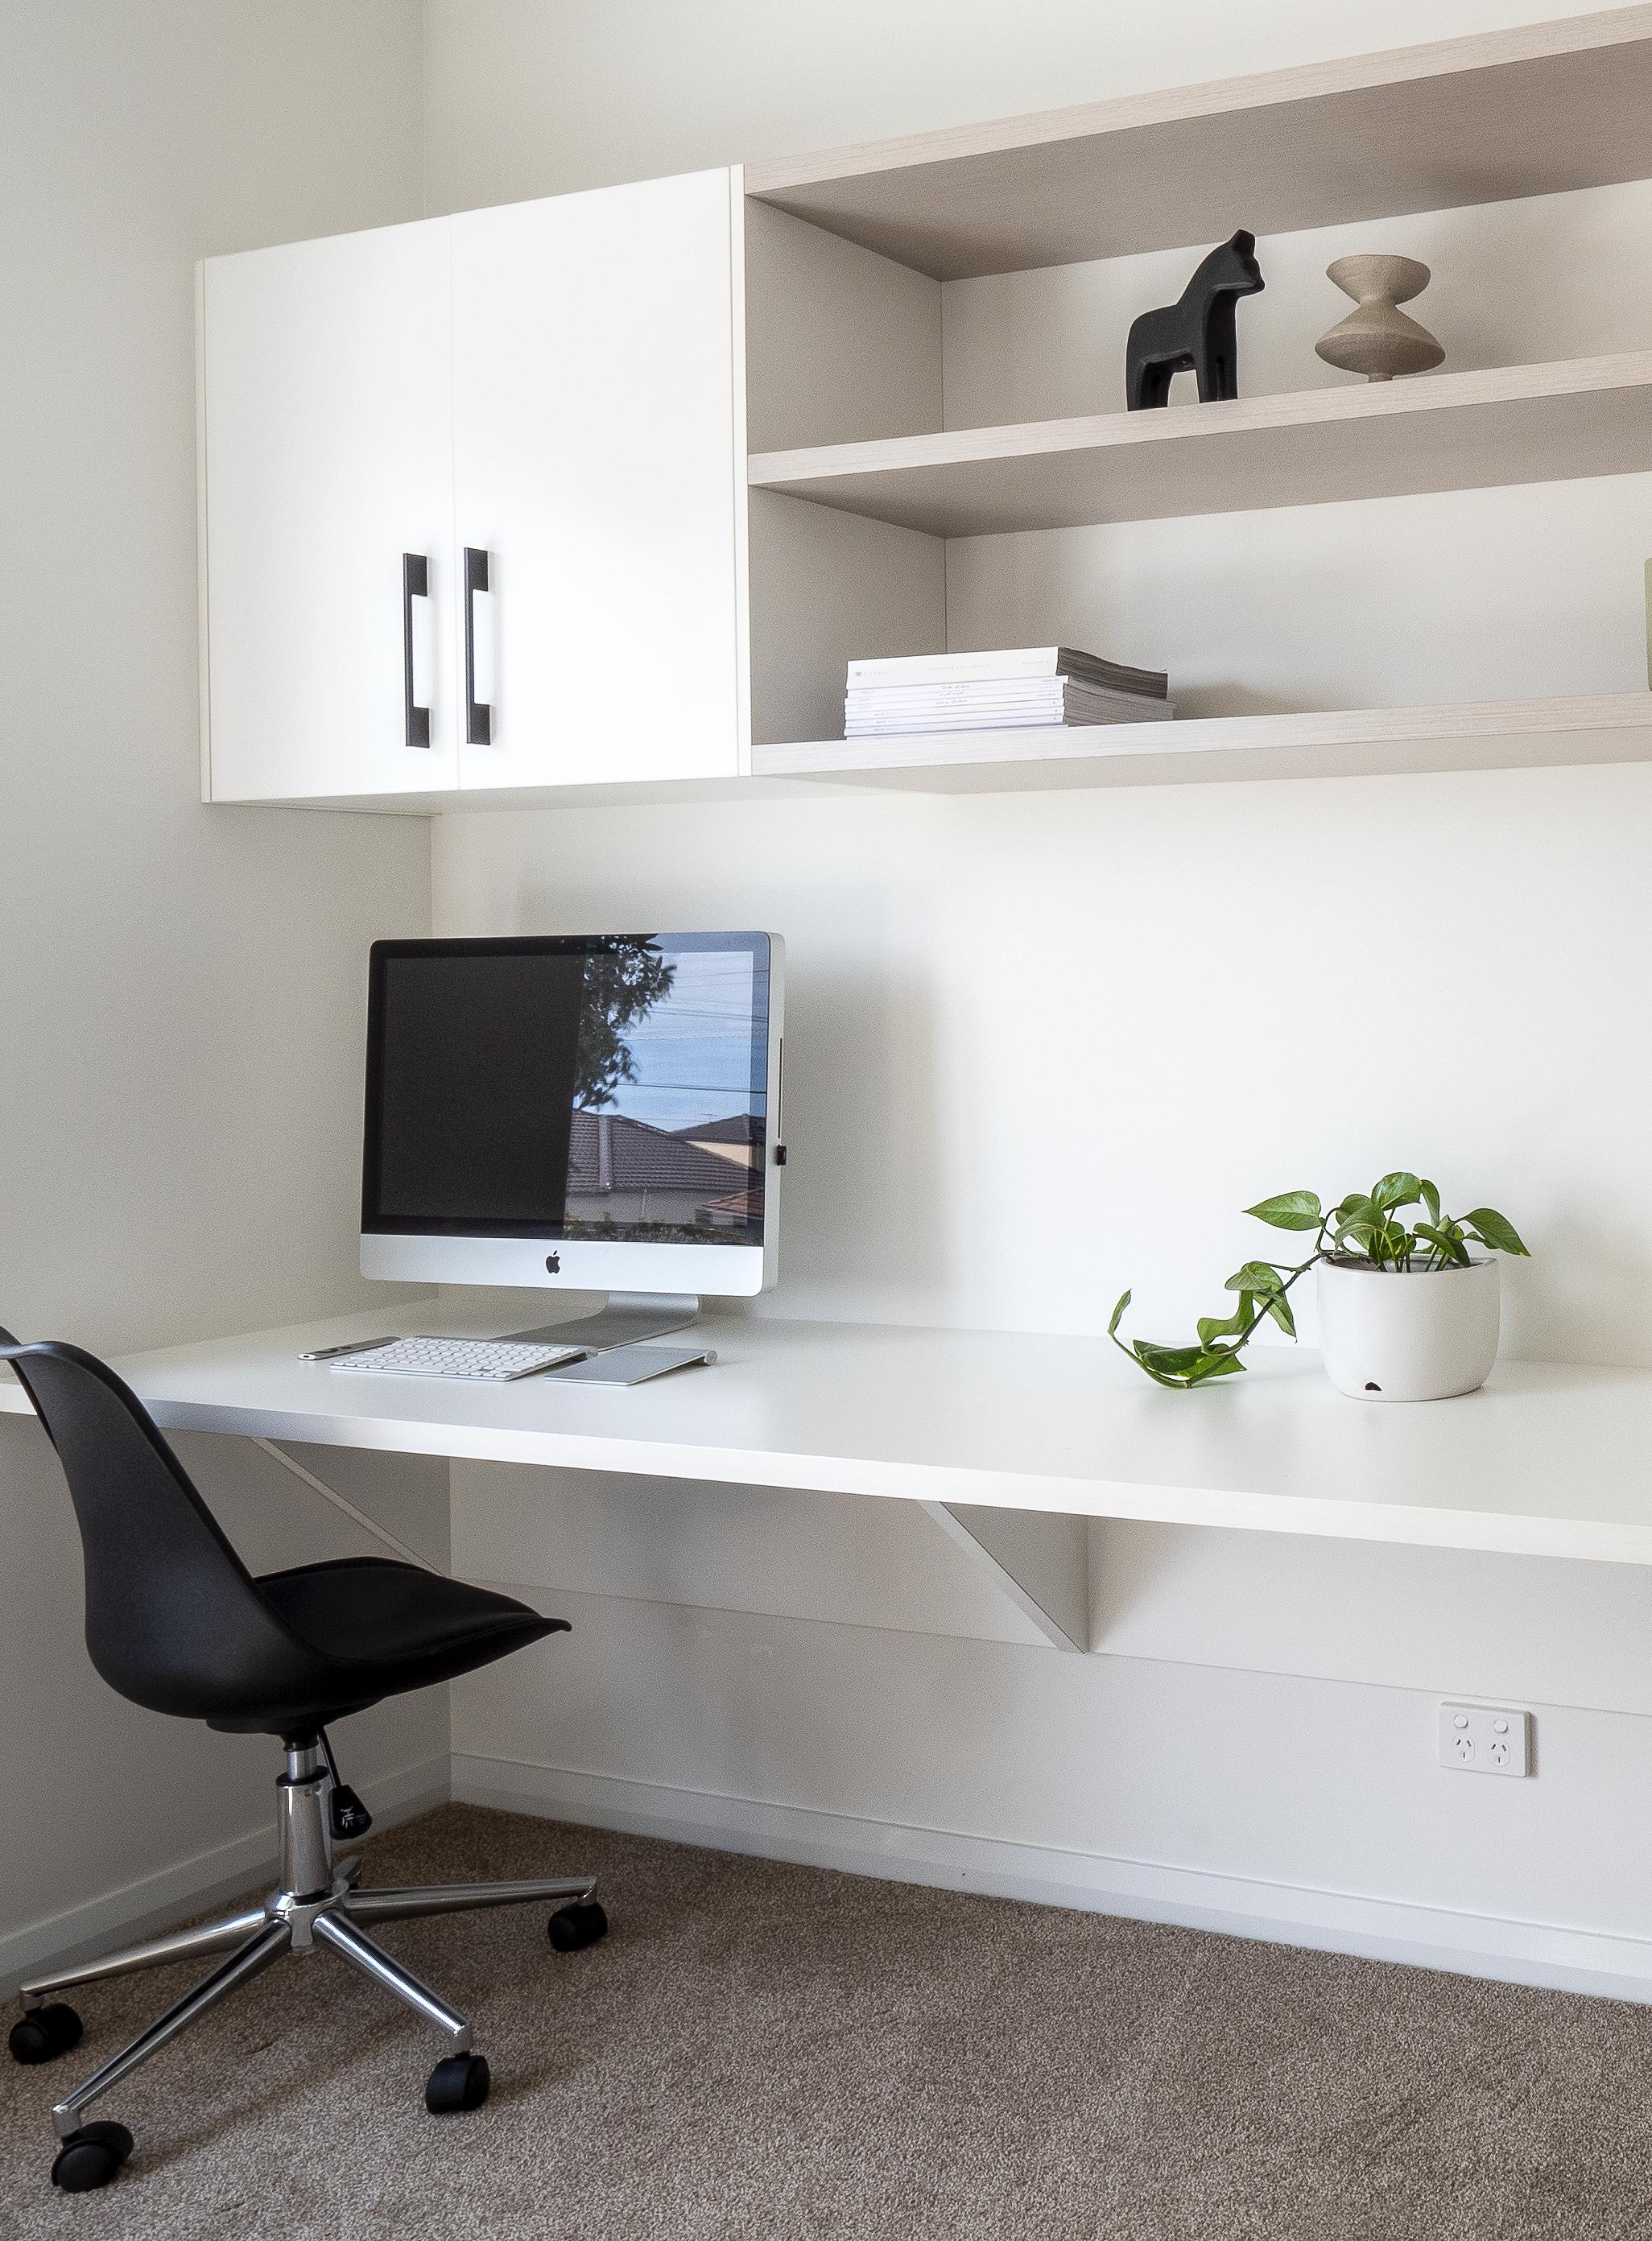 Home Office Floating Desk In 2020 Floating Desk Home Desk